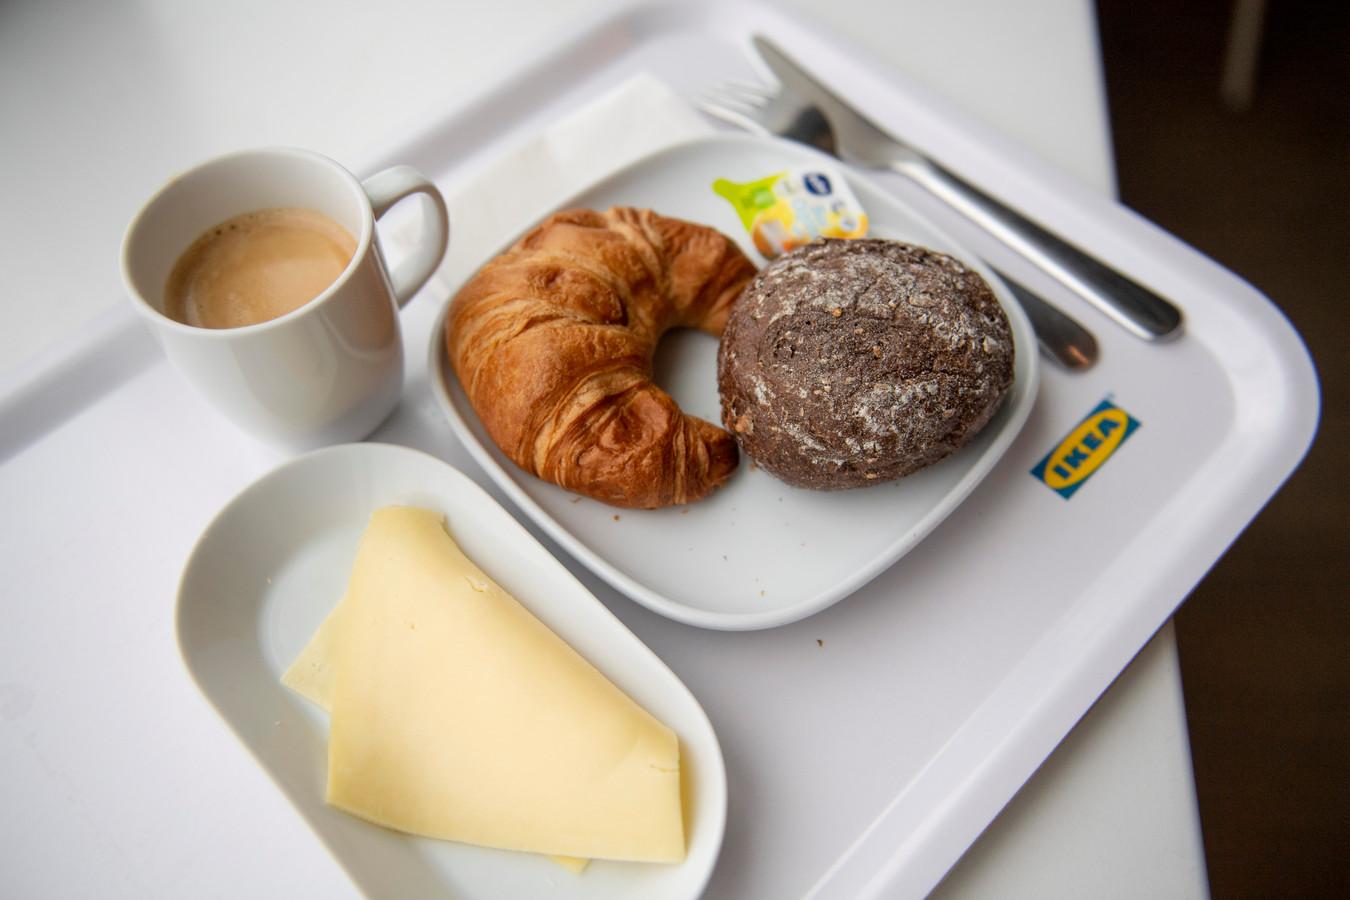 Het standaard ontbijt bij IKEA. De kipfilet is op.